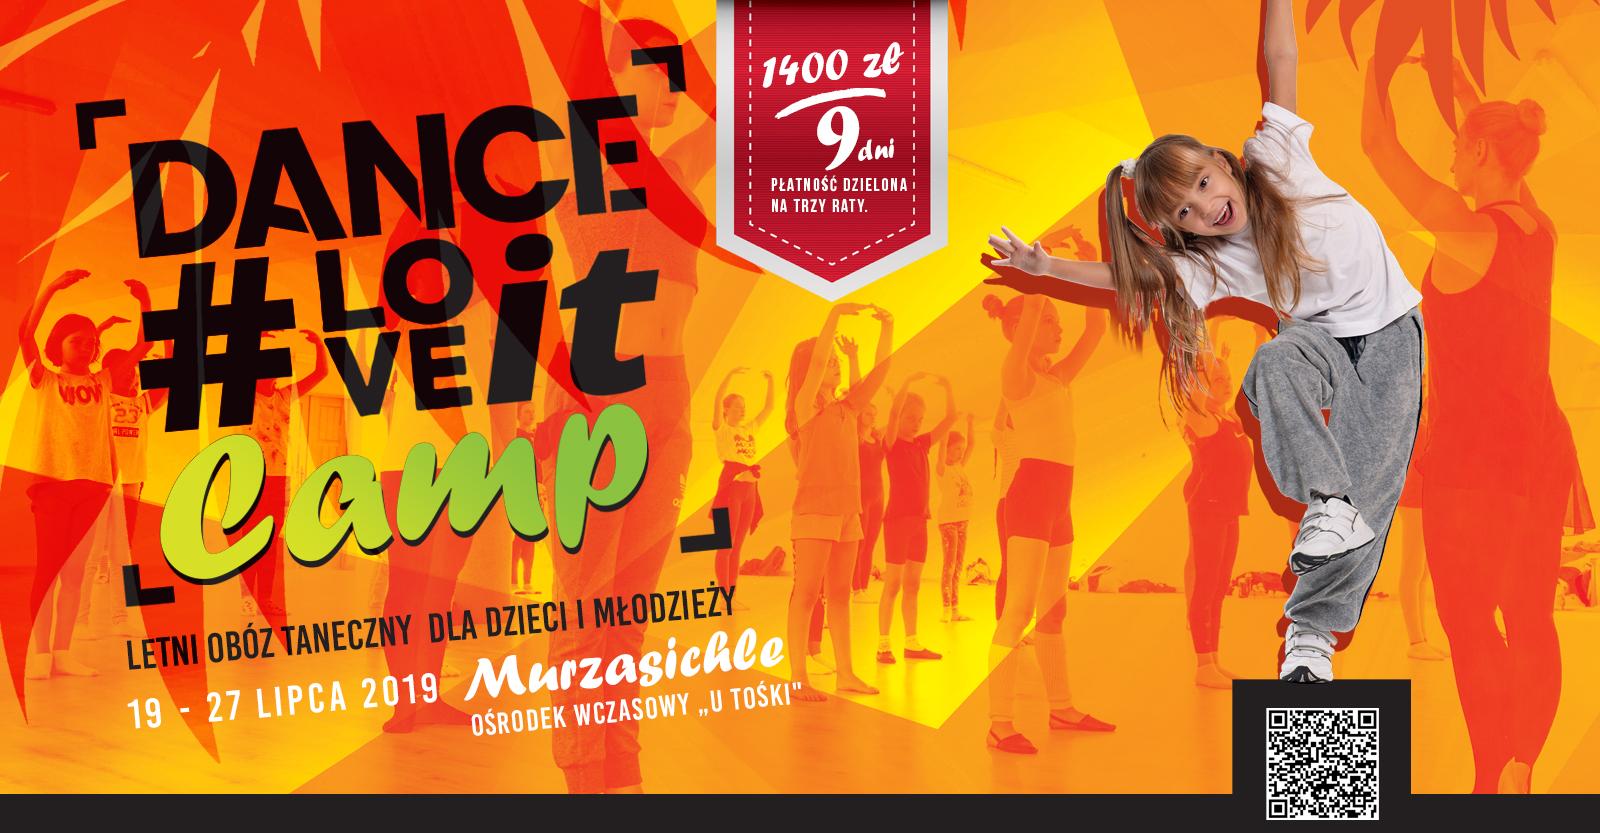 danceloveit_capm_obóz_taneczny_dla_dzieci-młodzieży